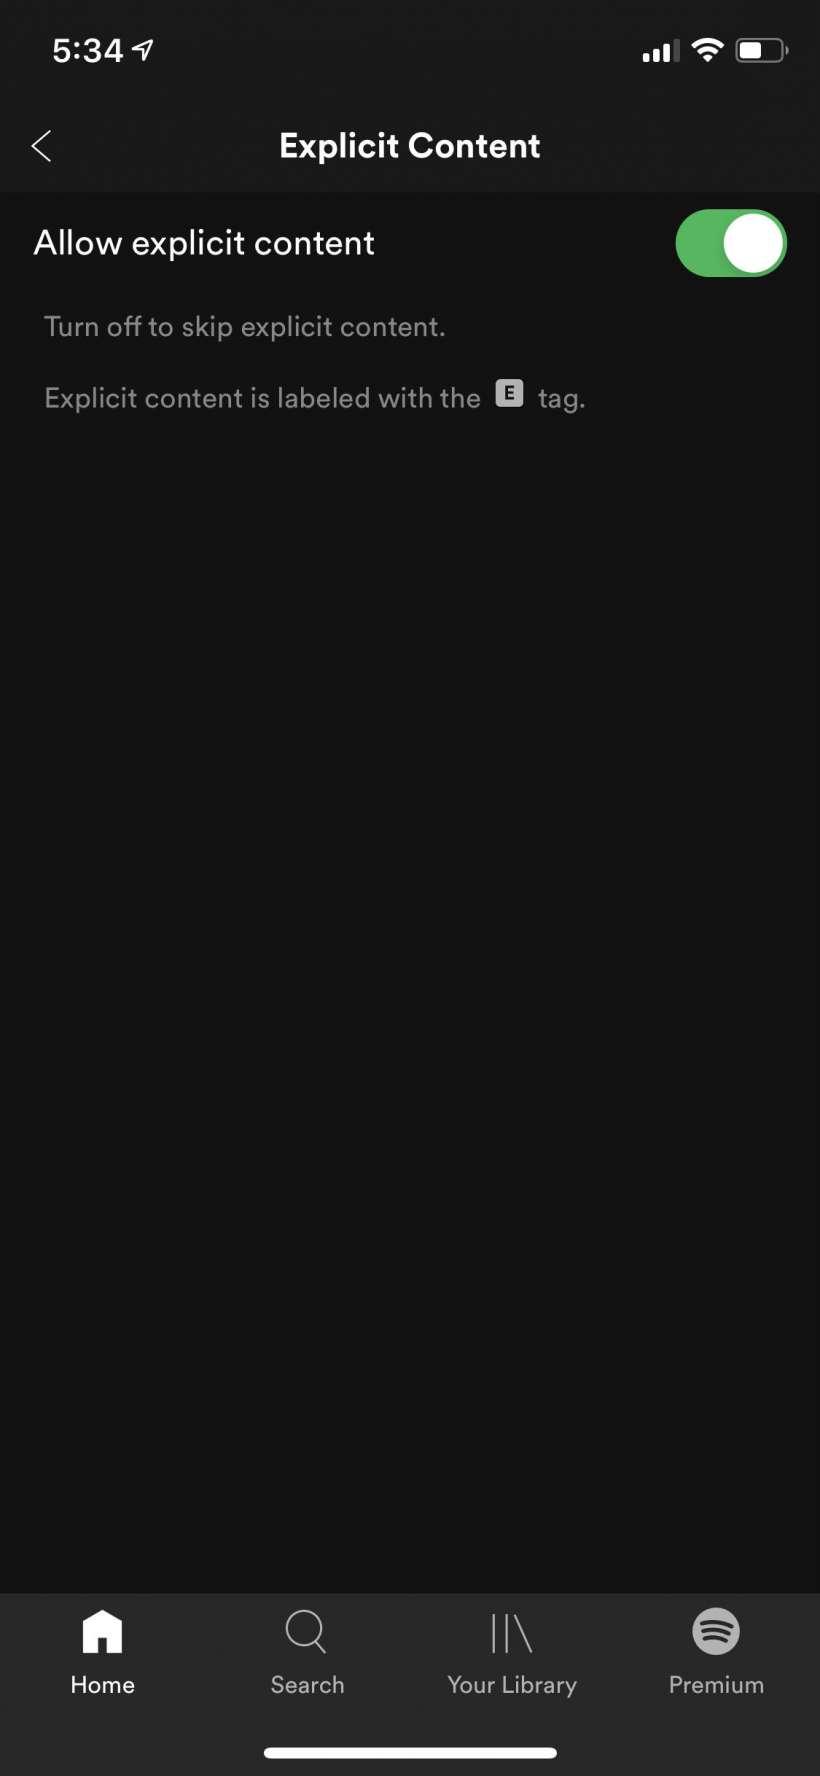 Cách chặn nhạc và lời bài hát rõ ràng trên Spotify trên iPhone và iPad.